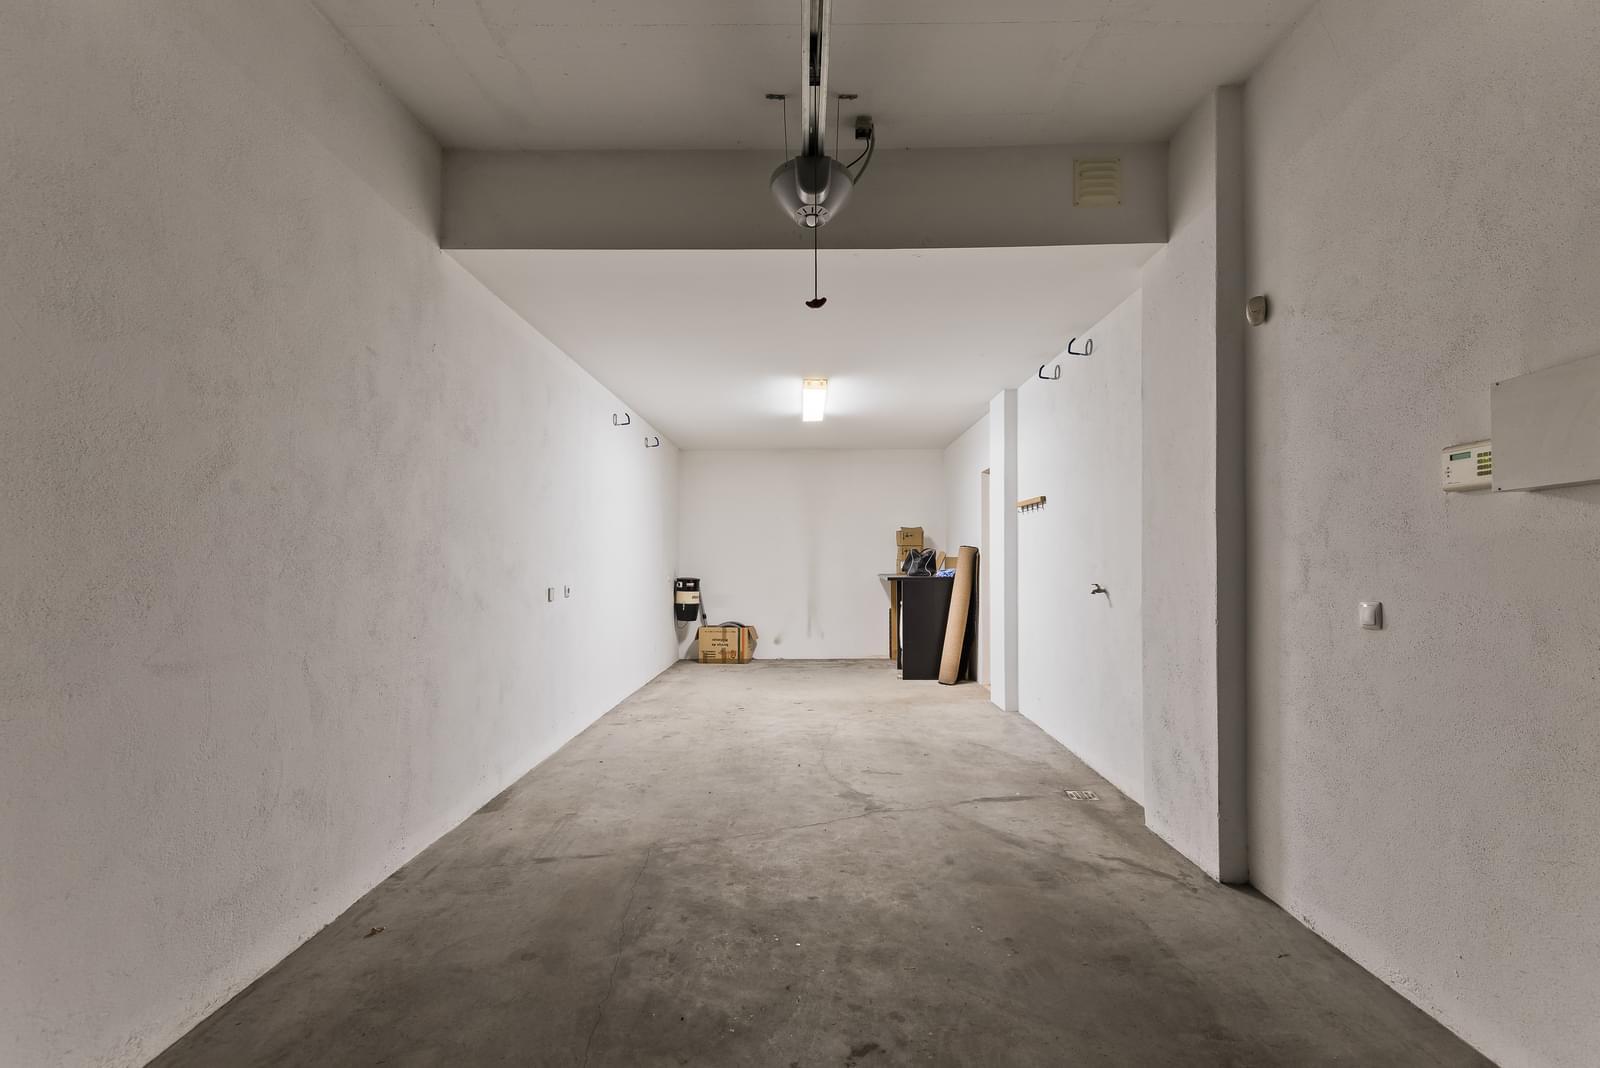 PF19144, Maison normal T3+1, CASCAIS